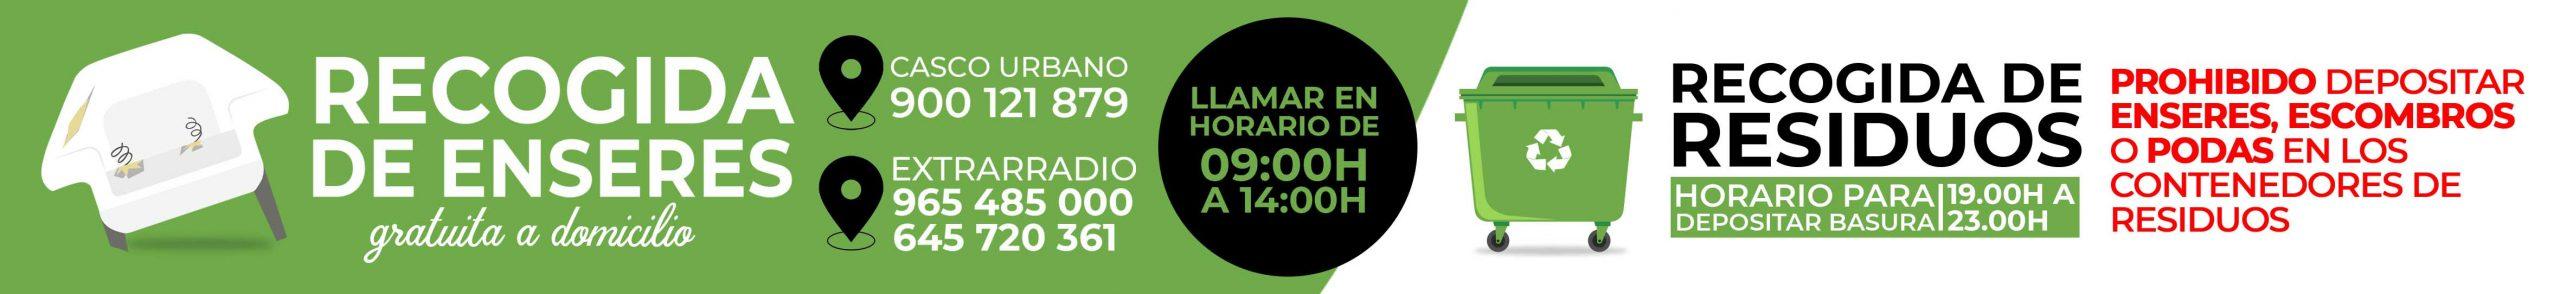 Banner Campaña Enseres y Basura Albatera